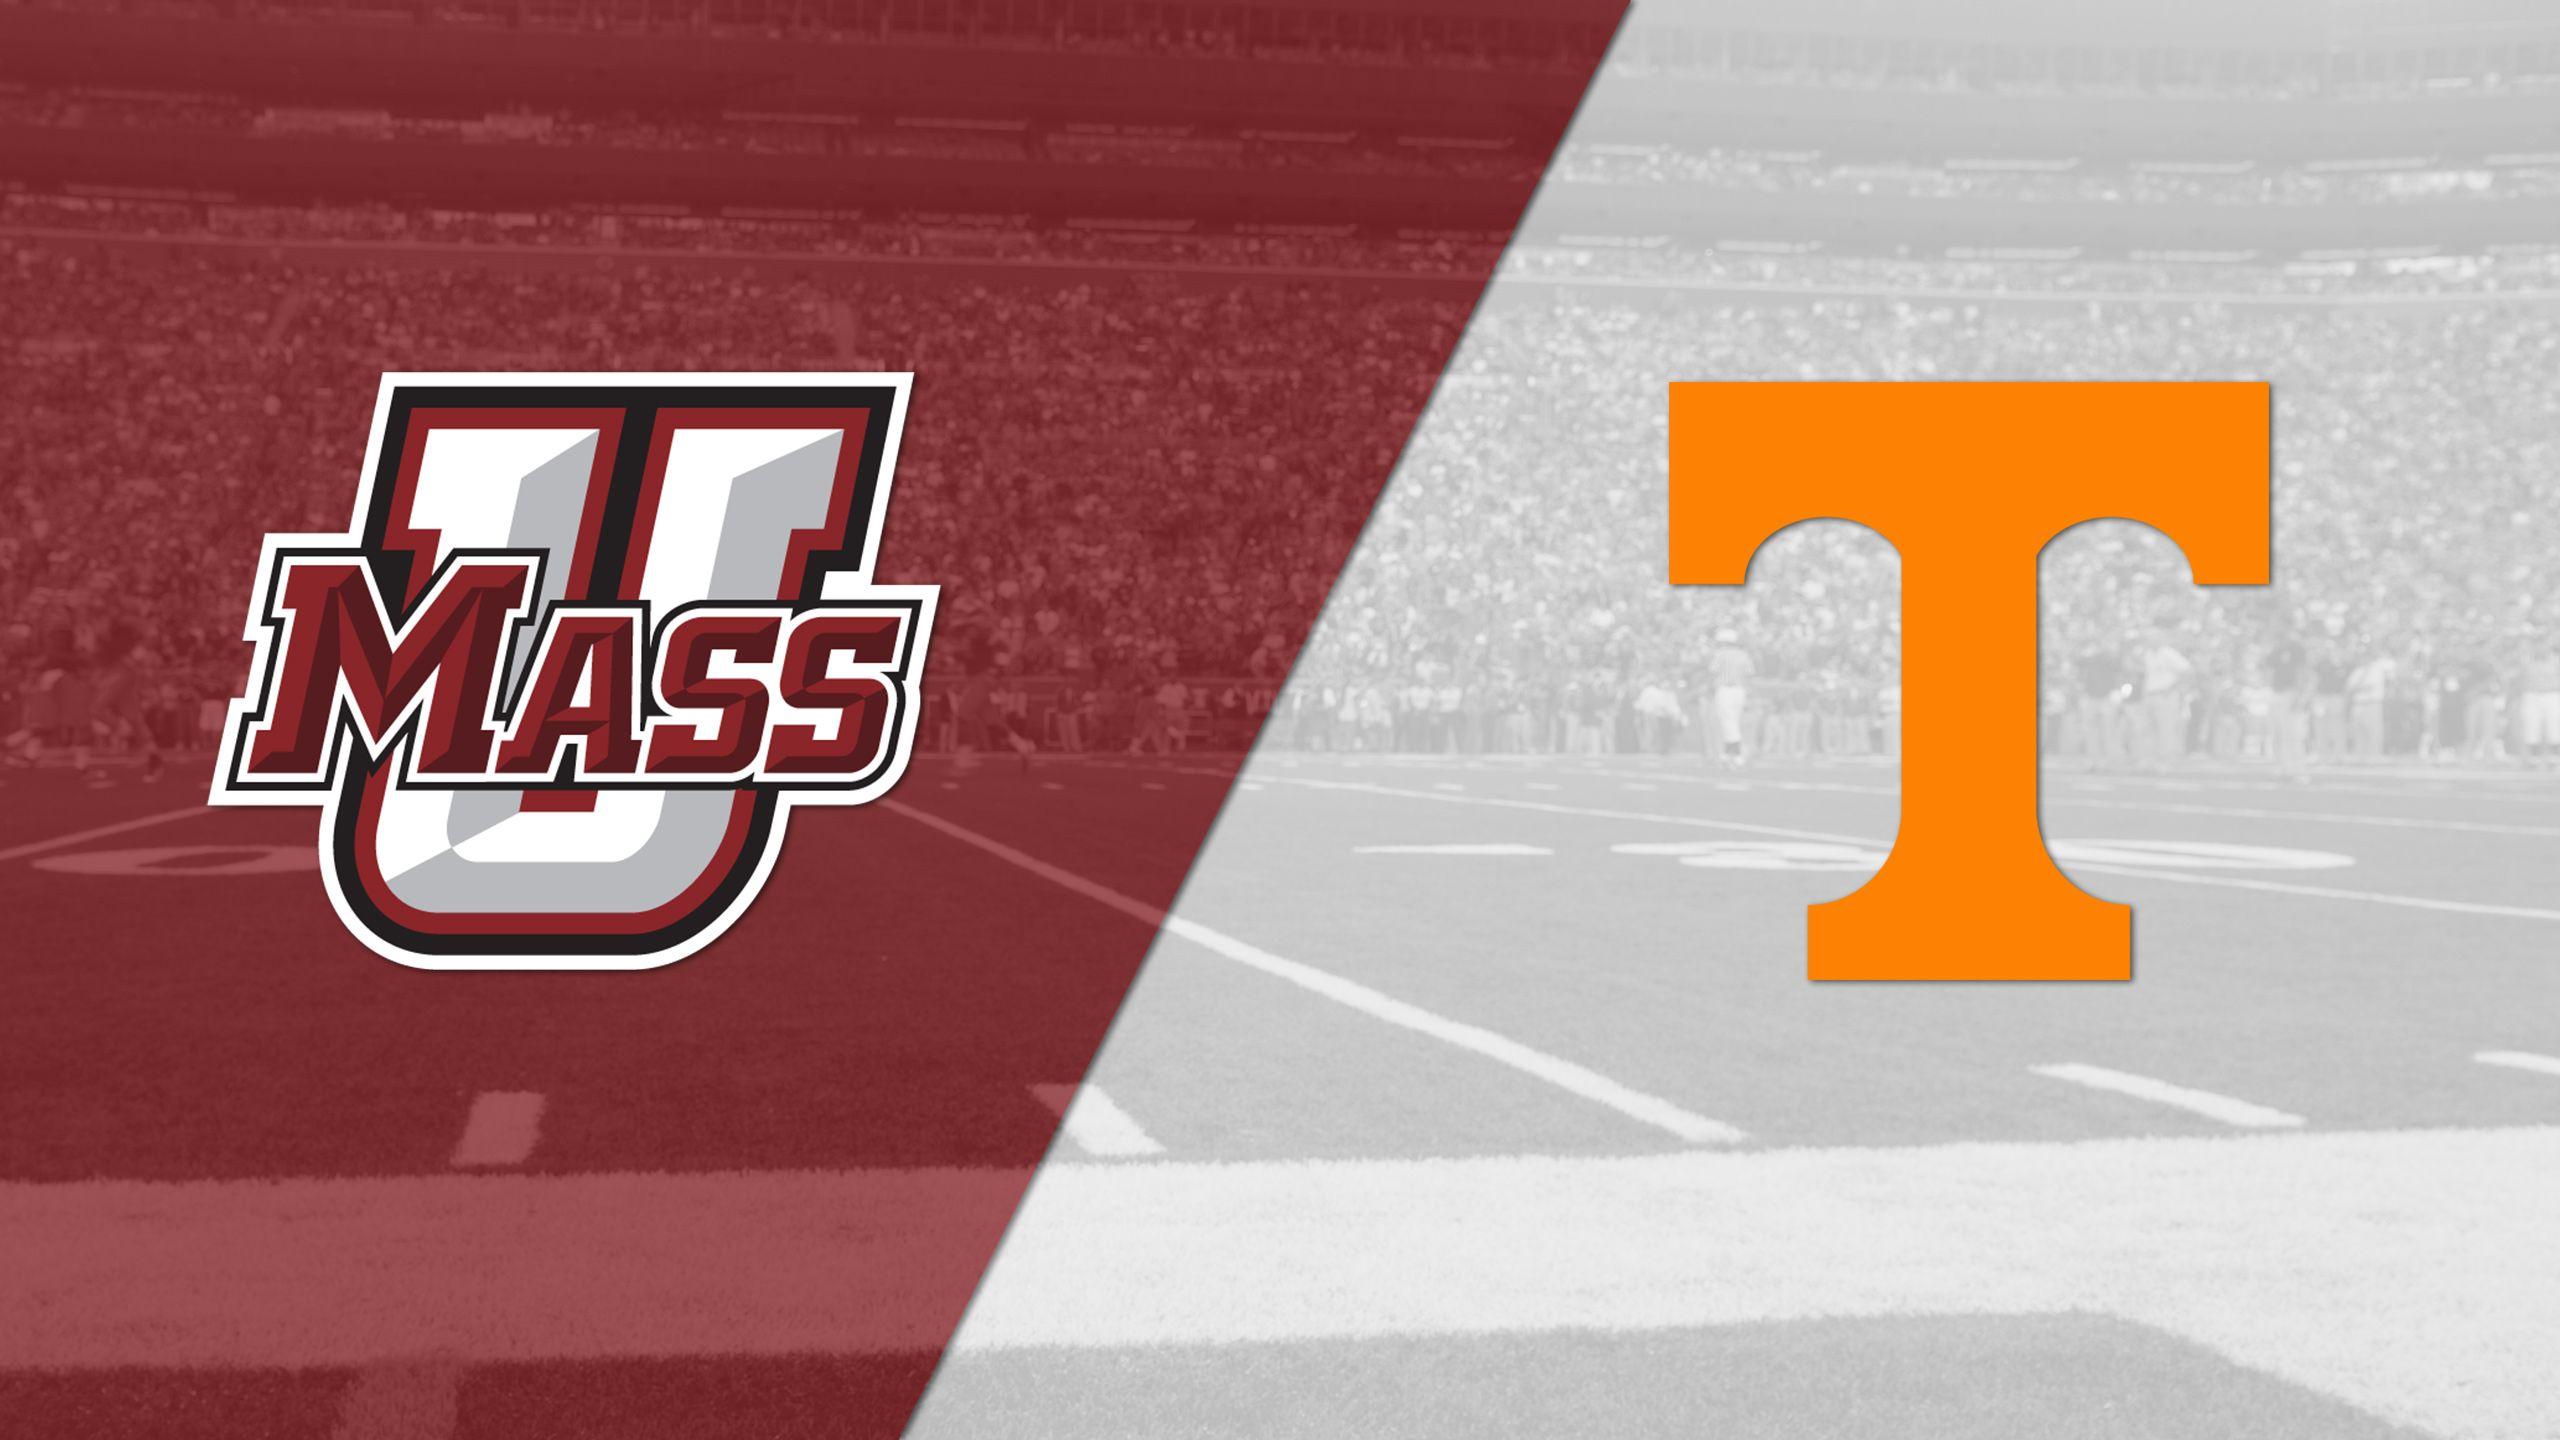 UMass vs. Tennessee (Football)